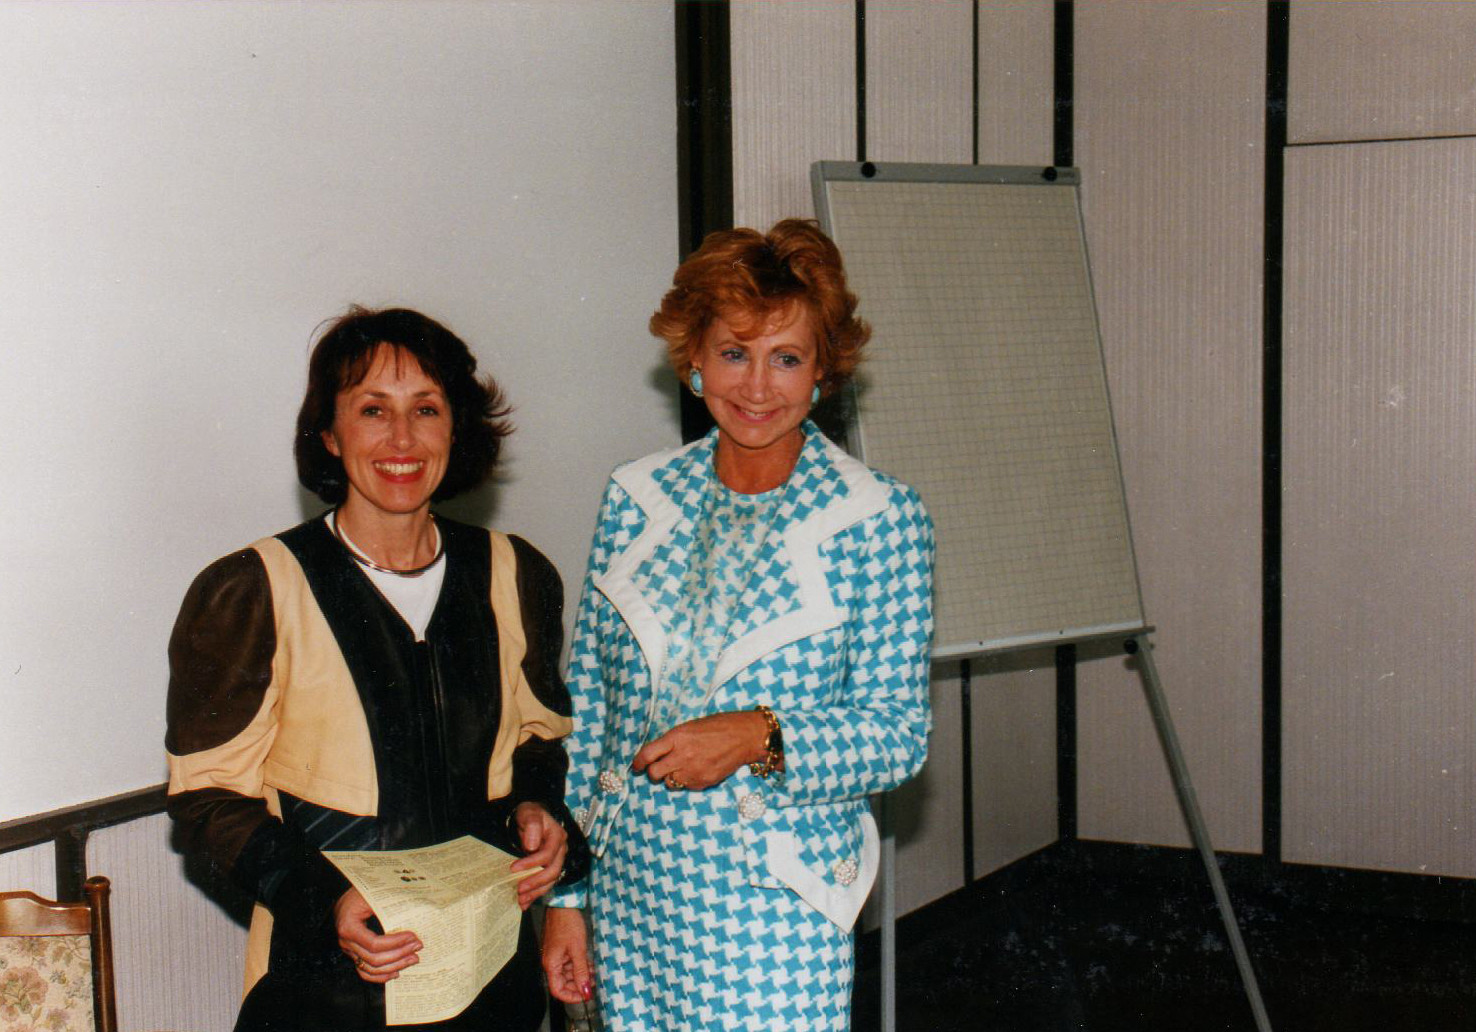 Dr. Ingrid Loschek, Herta Strecker-Harder - 1994/1995 Horbourg-Wihr/Frankreich